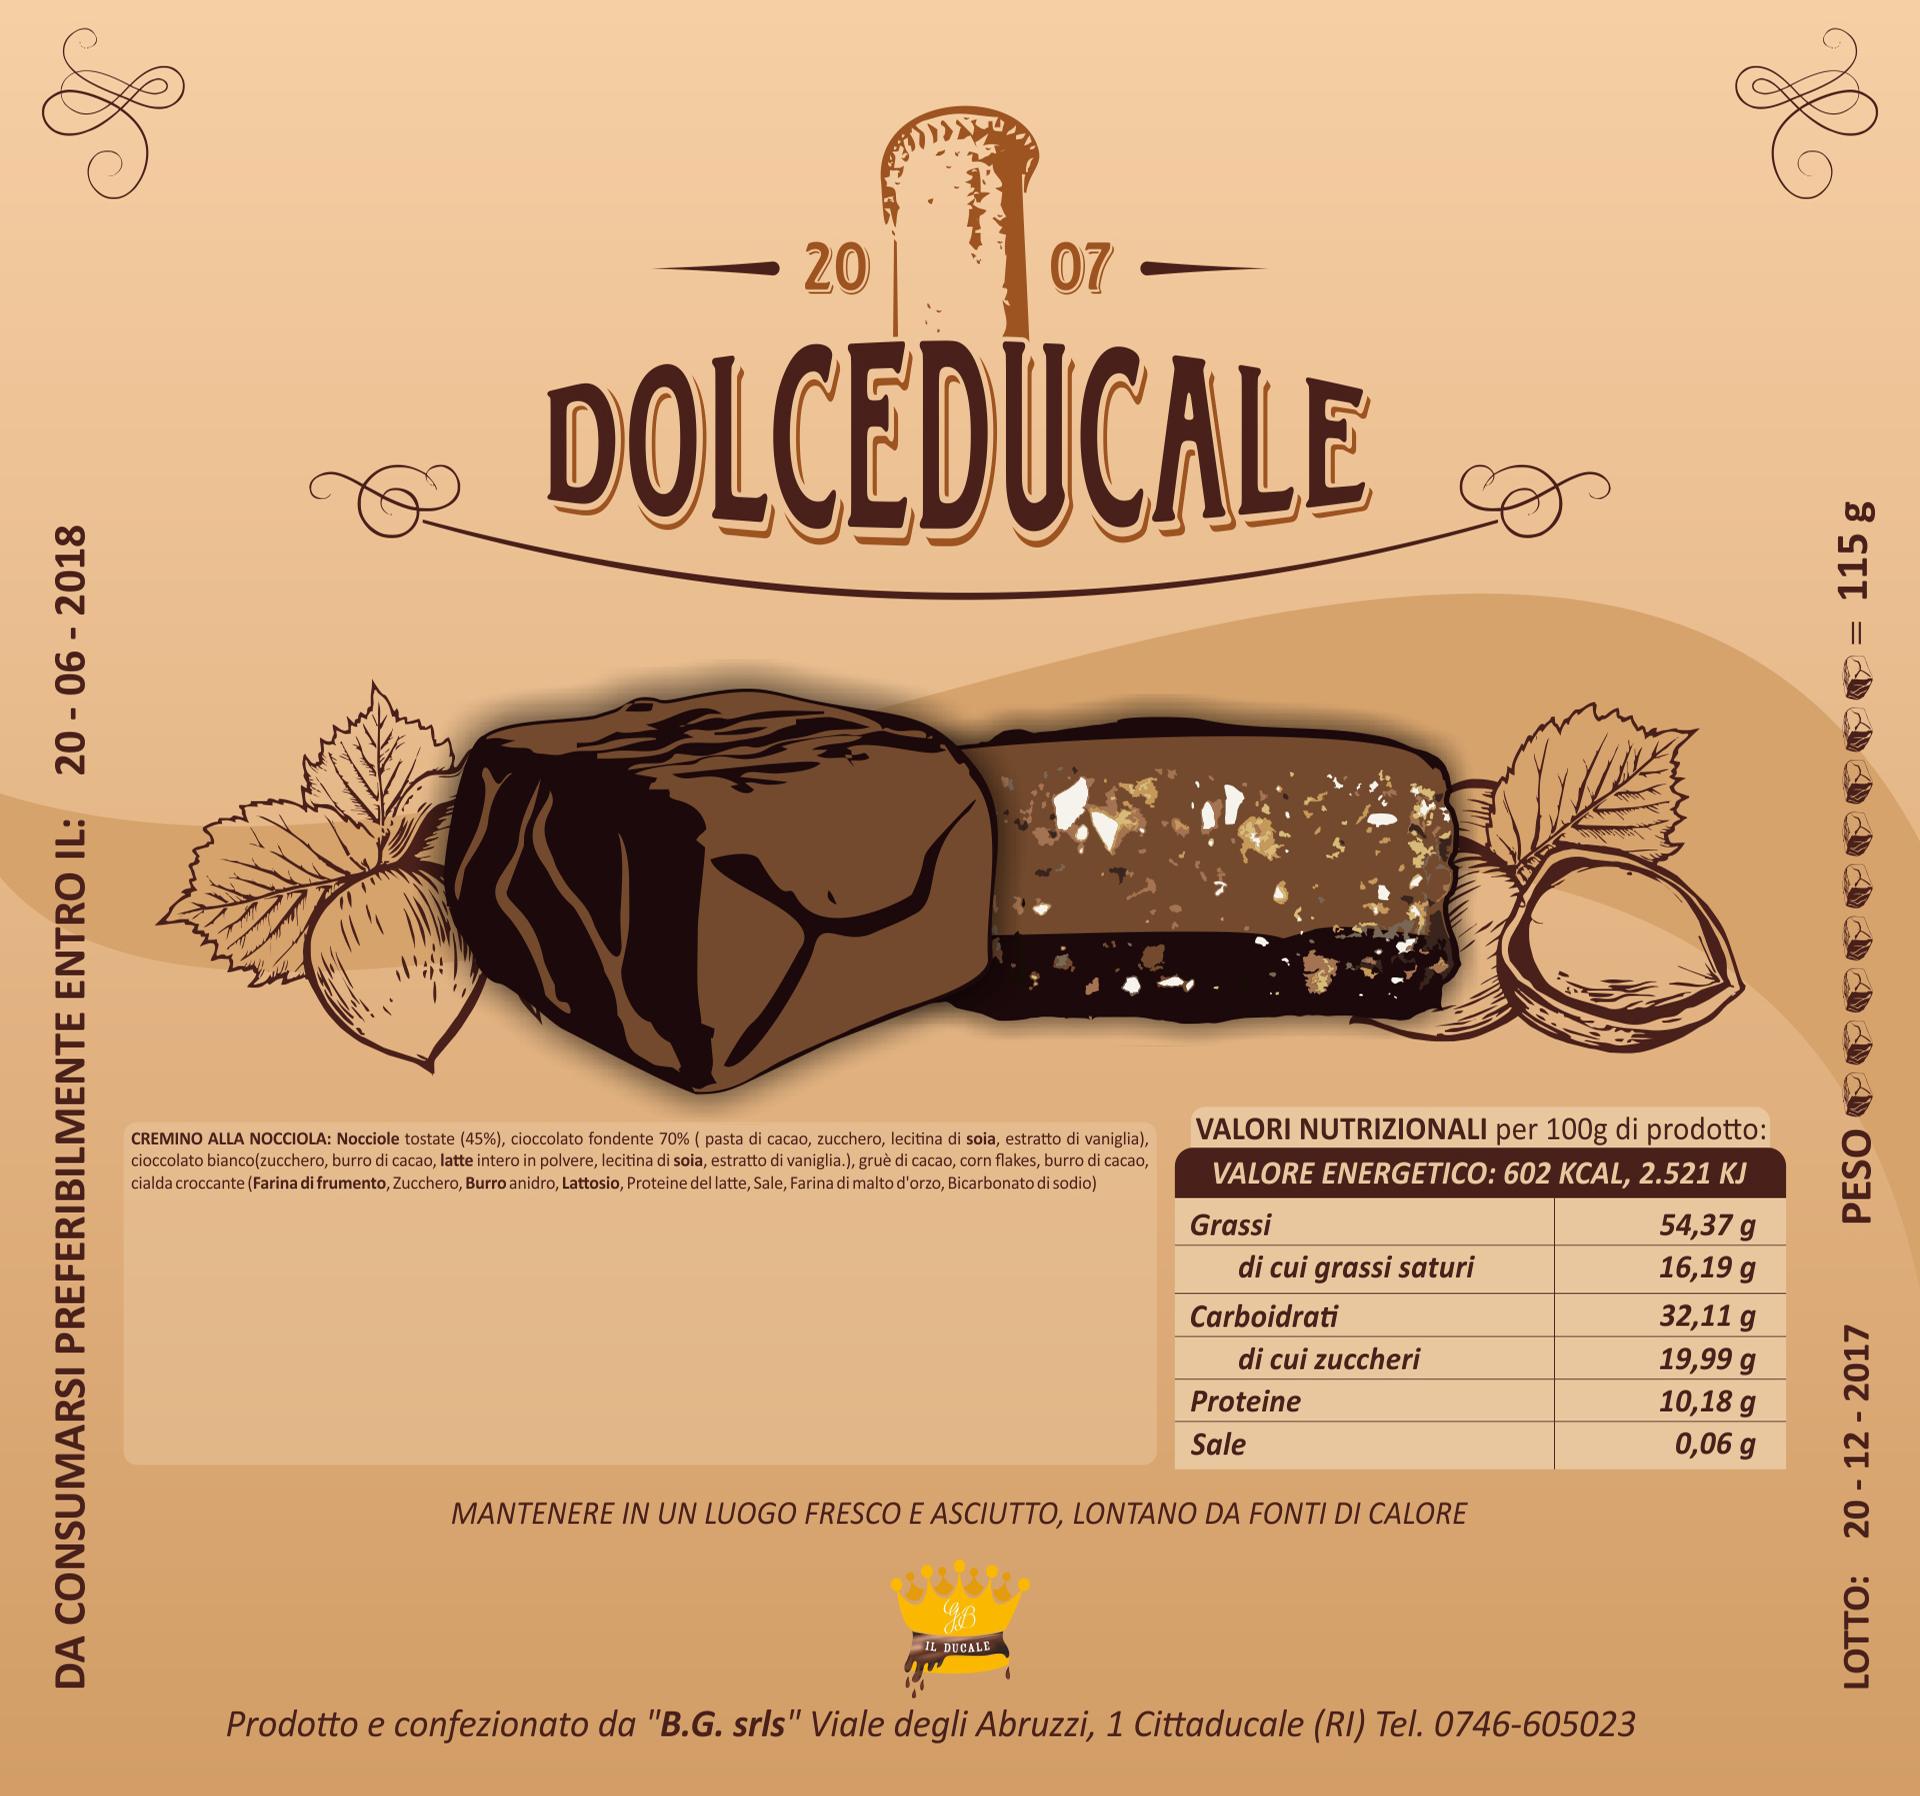 etichetta-dolce-ducale-il-ducale